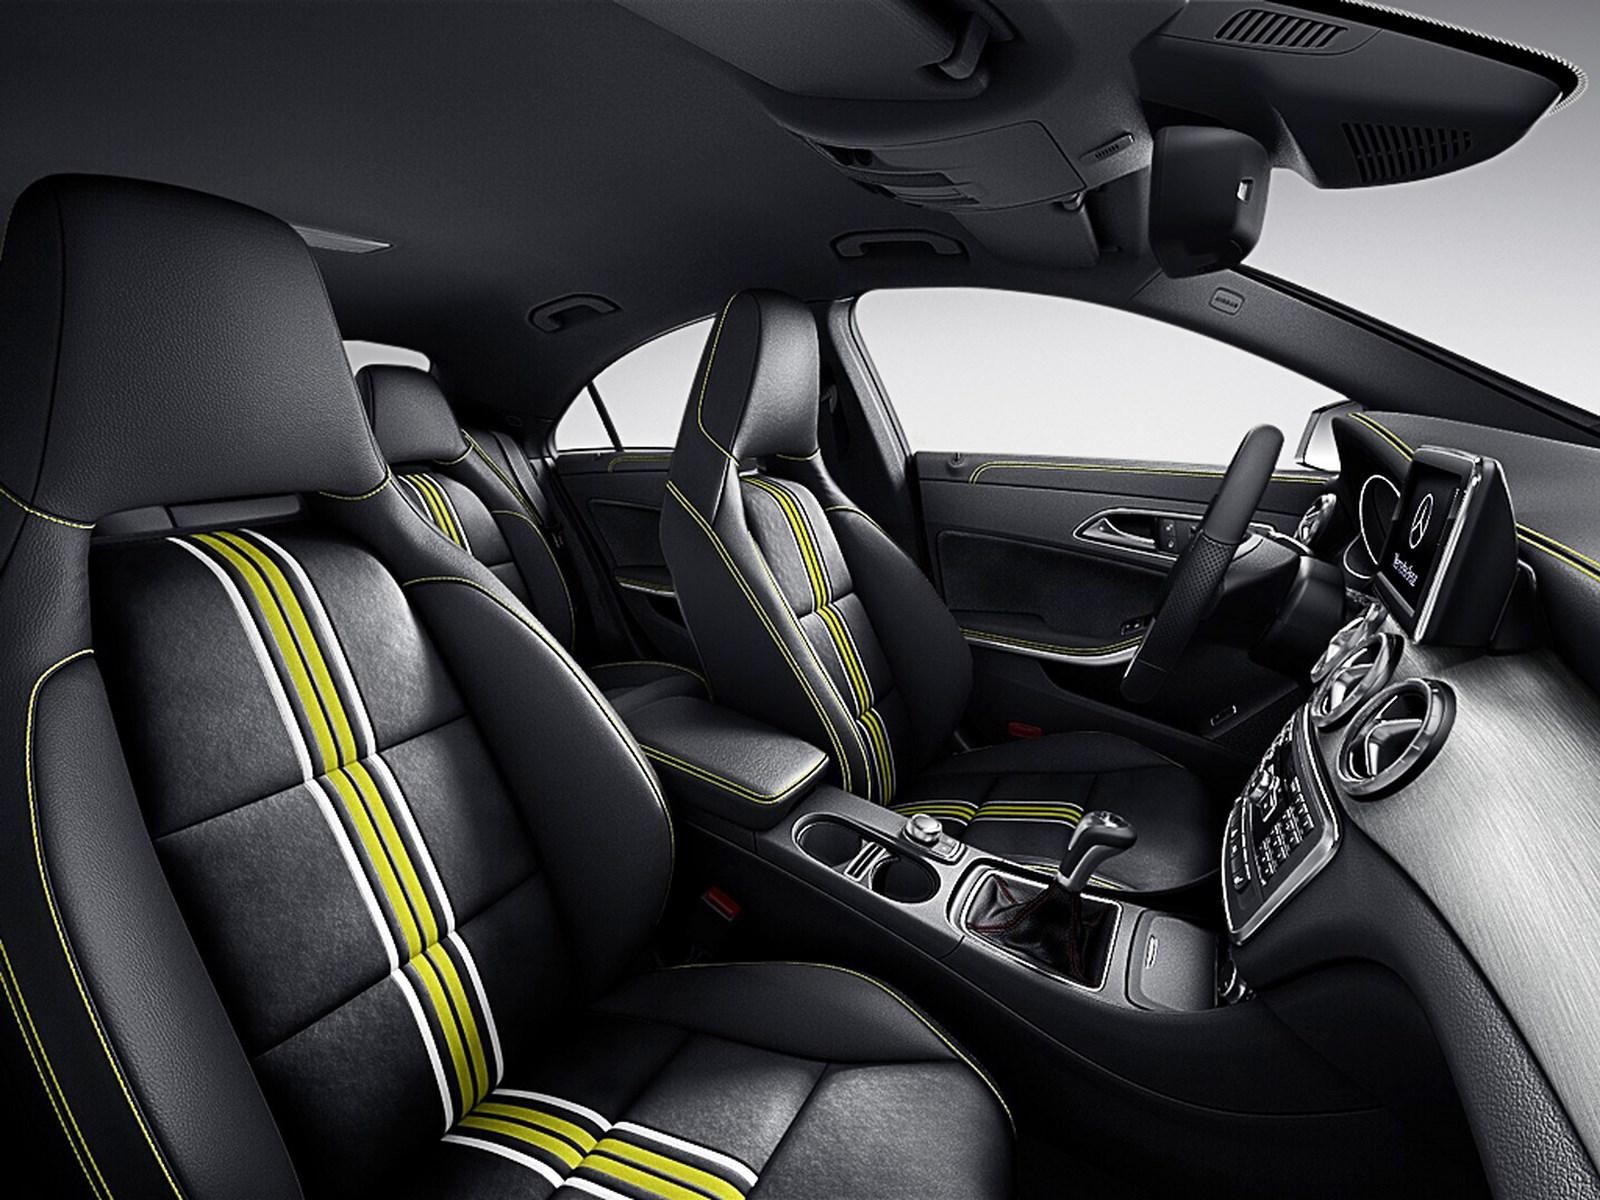 Mercedes-Benz CLA 250 Edition 1 cosmos black 2013